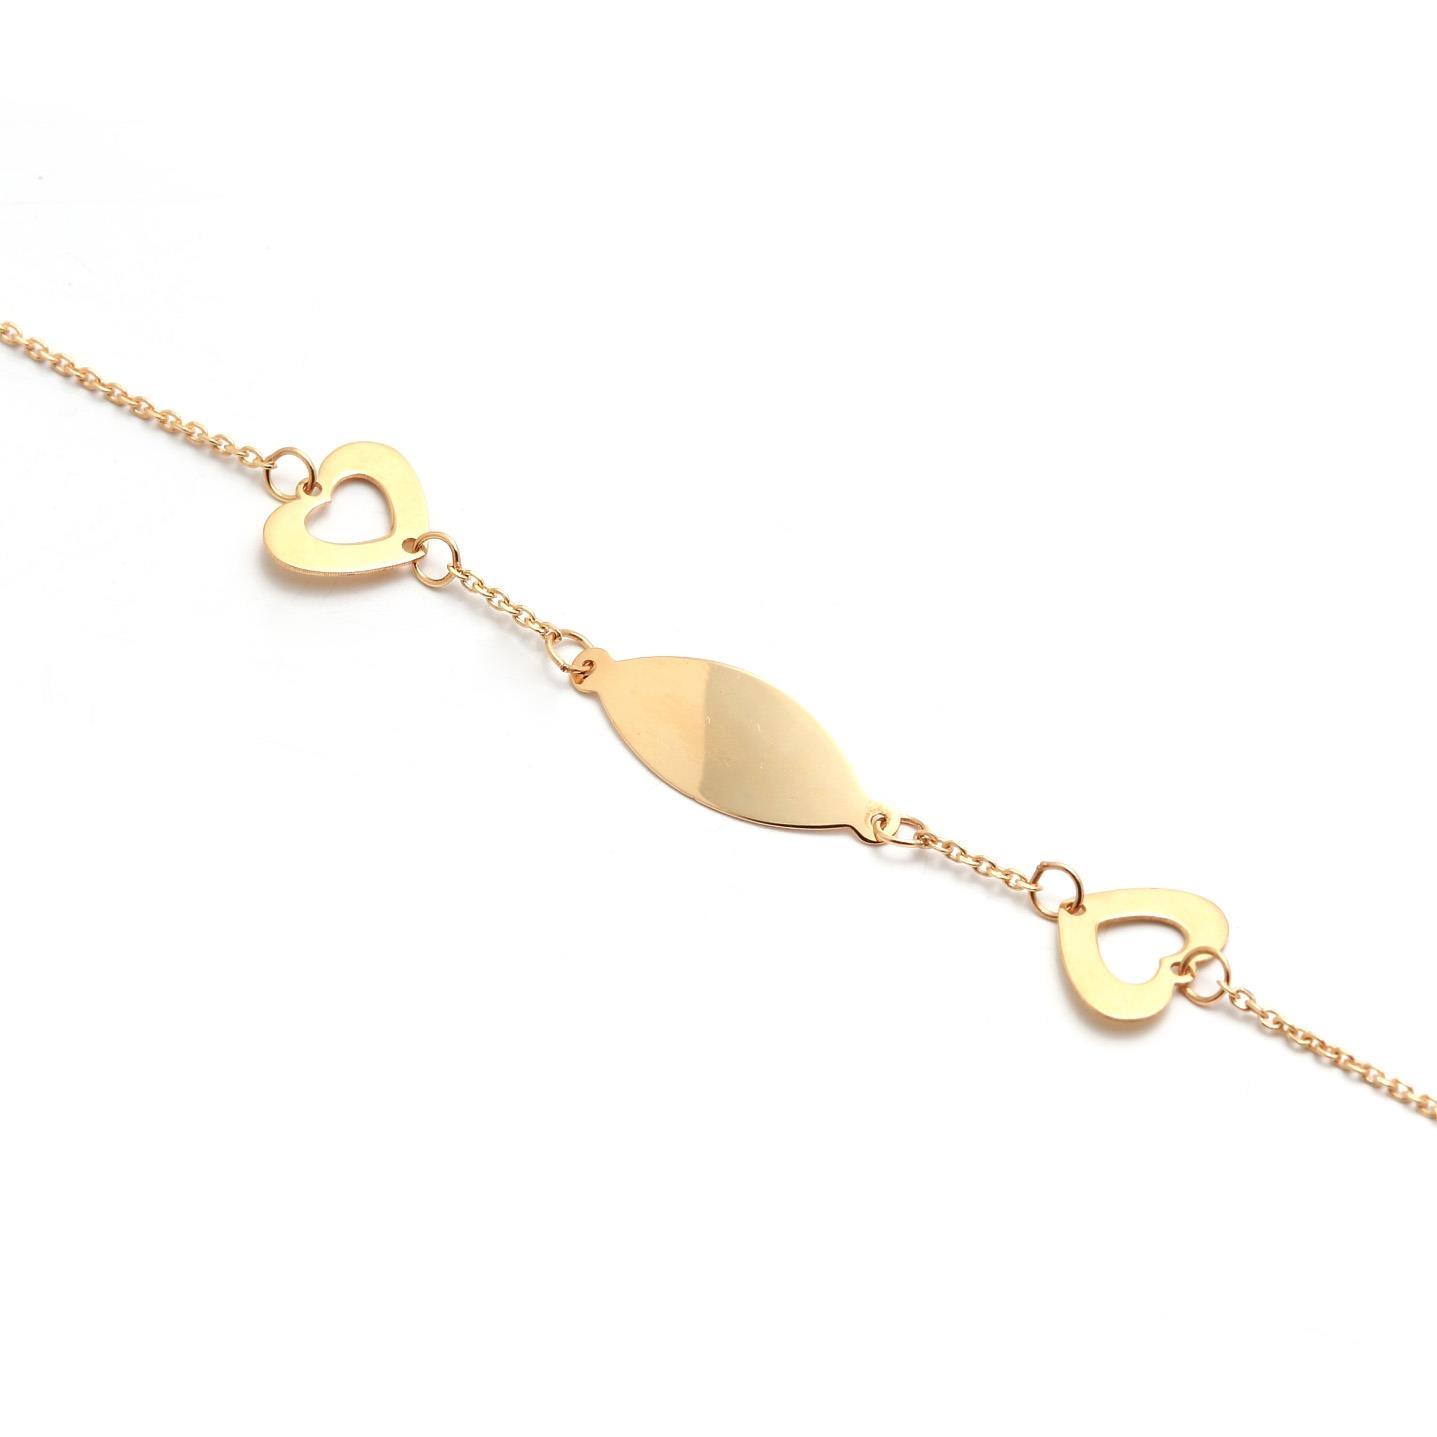 Zlatý dievčenský náramok so srdiečkami 5MZ00062